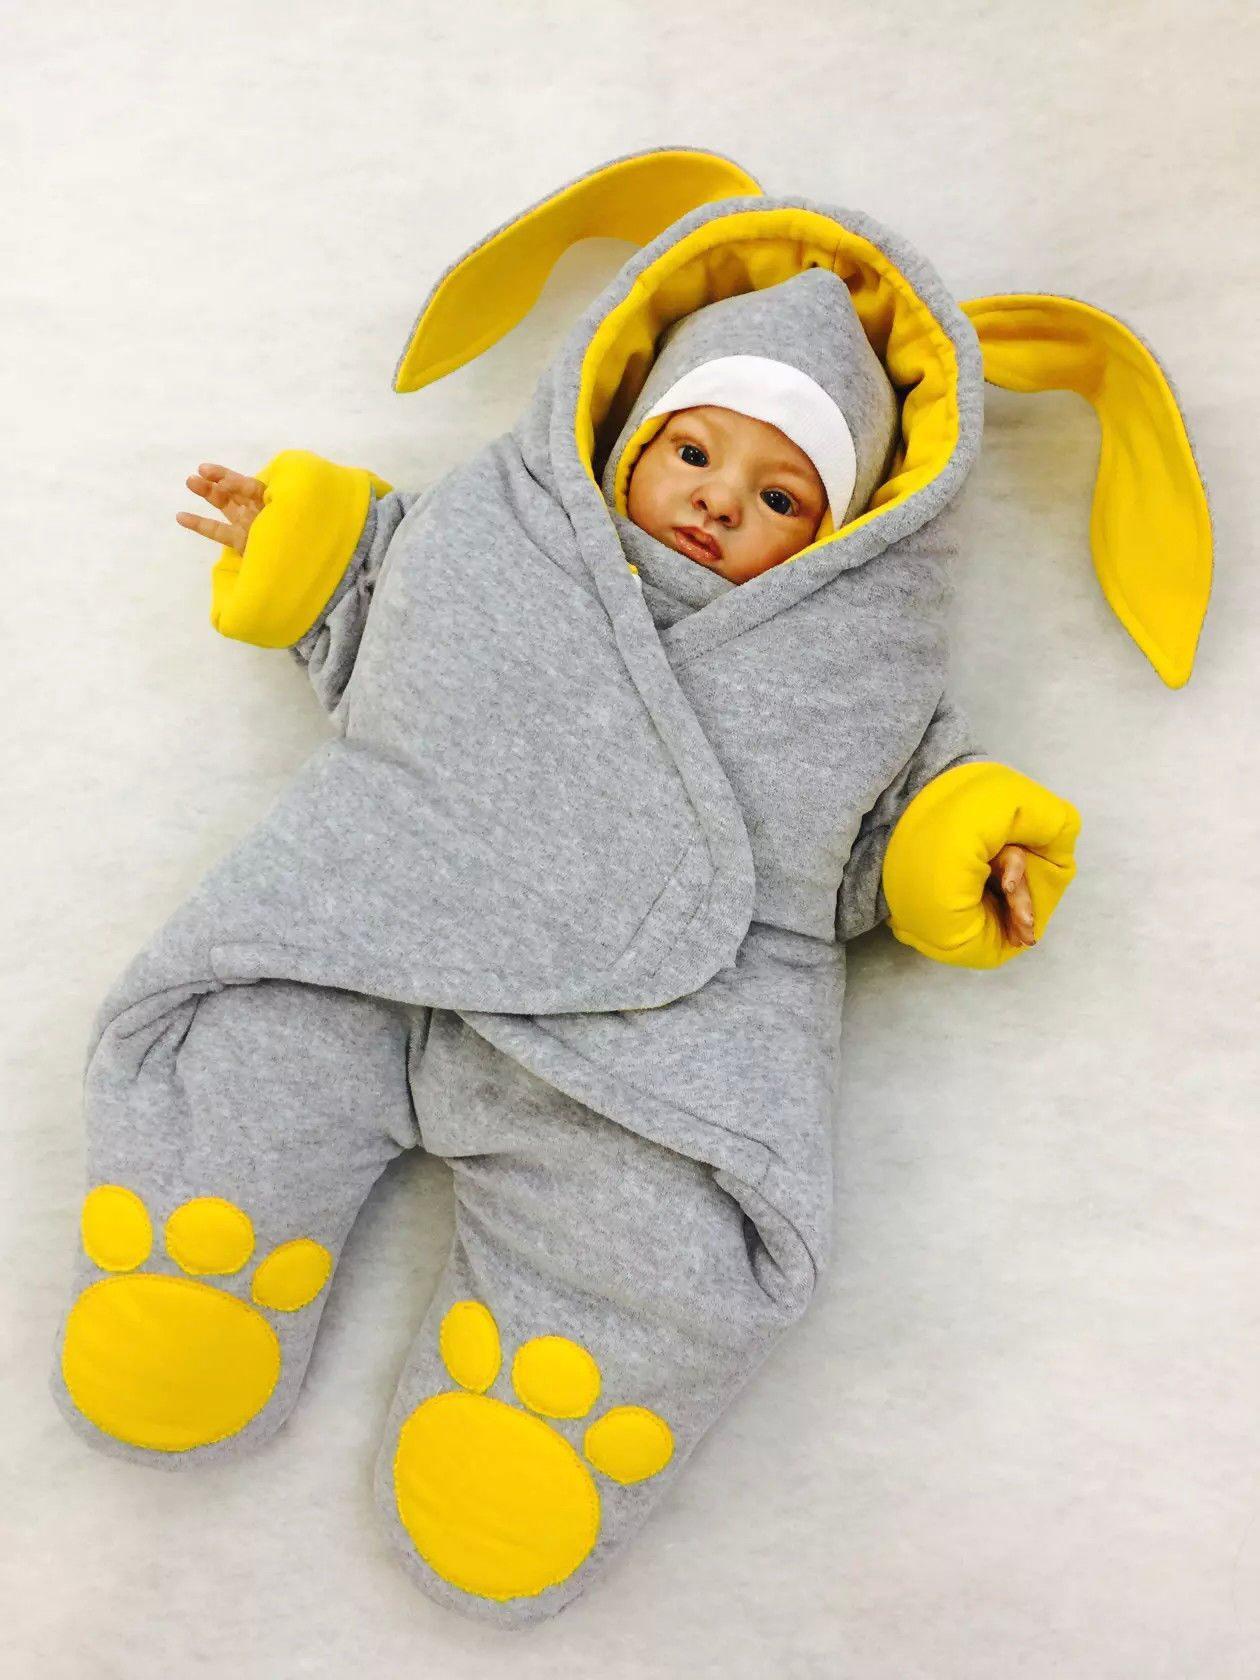 Зимние комбинезоны для новорожденных сшить своими руками